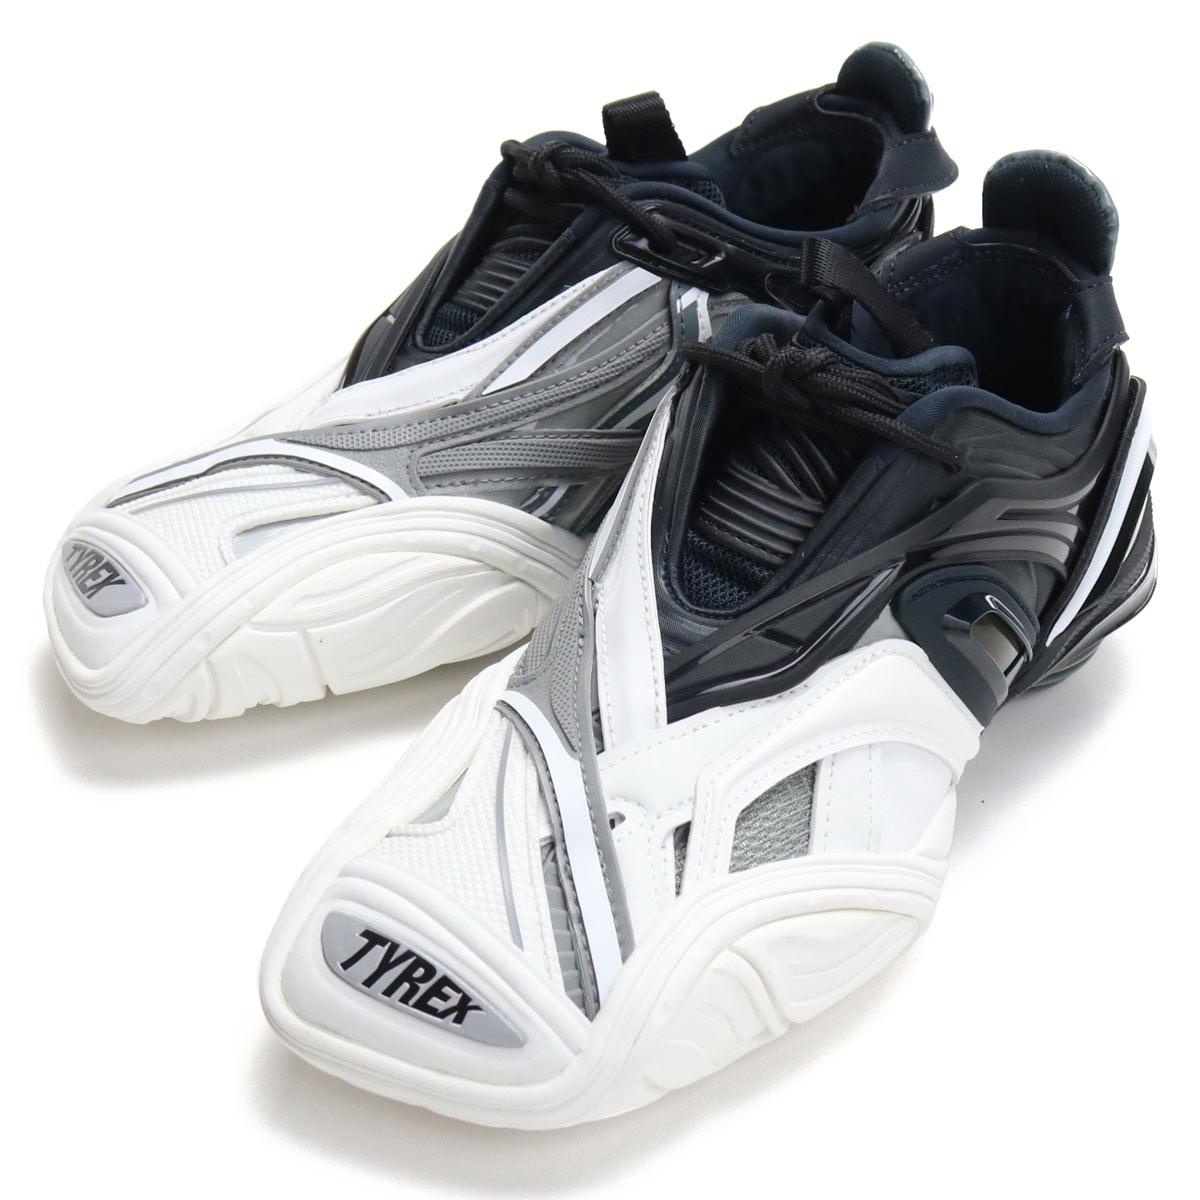 レディース靴, スニーカー  BALENCIAGA TYREX 617517 W2CB1 1090 bos-09 shoes-01